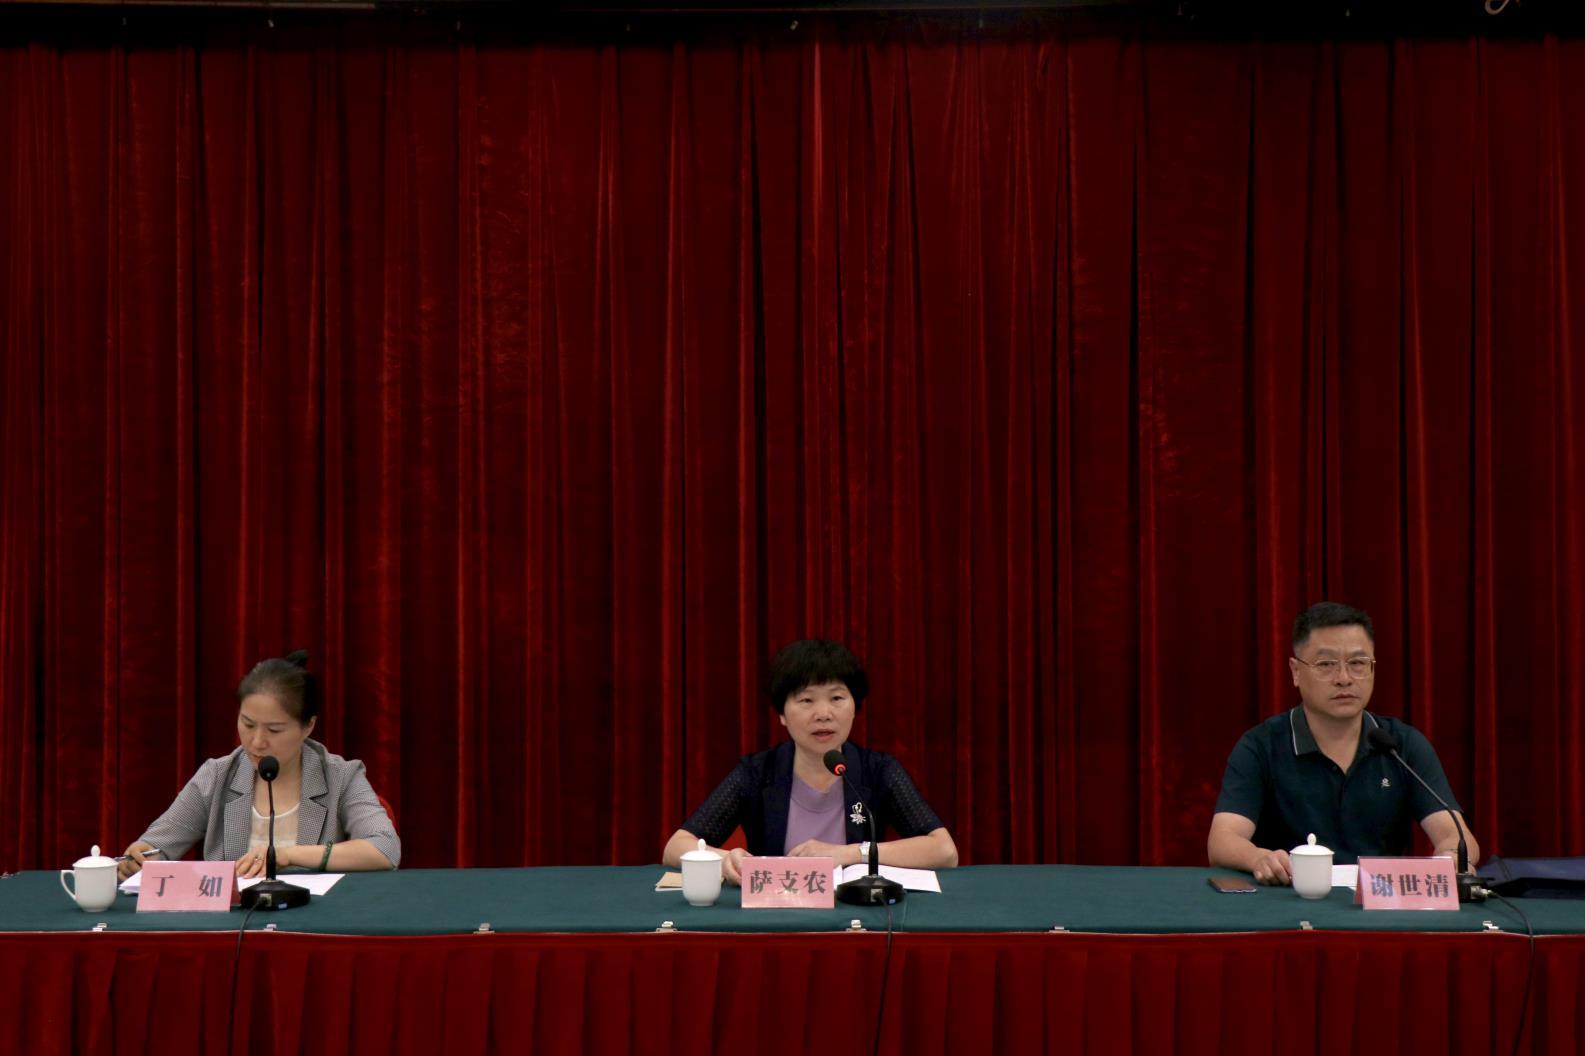 2019年福建省宗教院校骨干教师教学科研能力提升培训班开班式在福州举行(图)